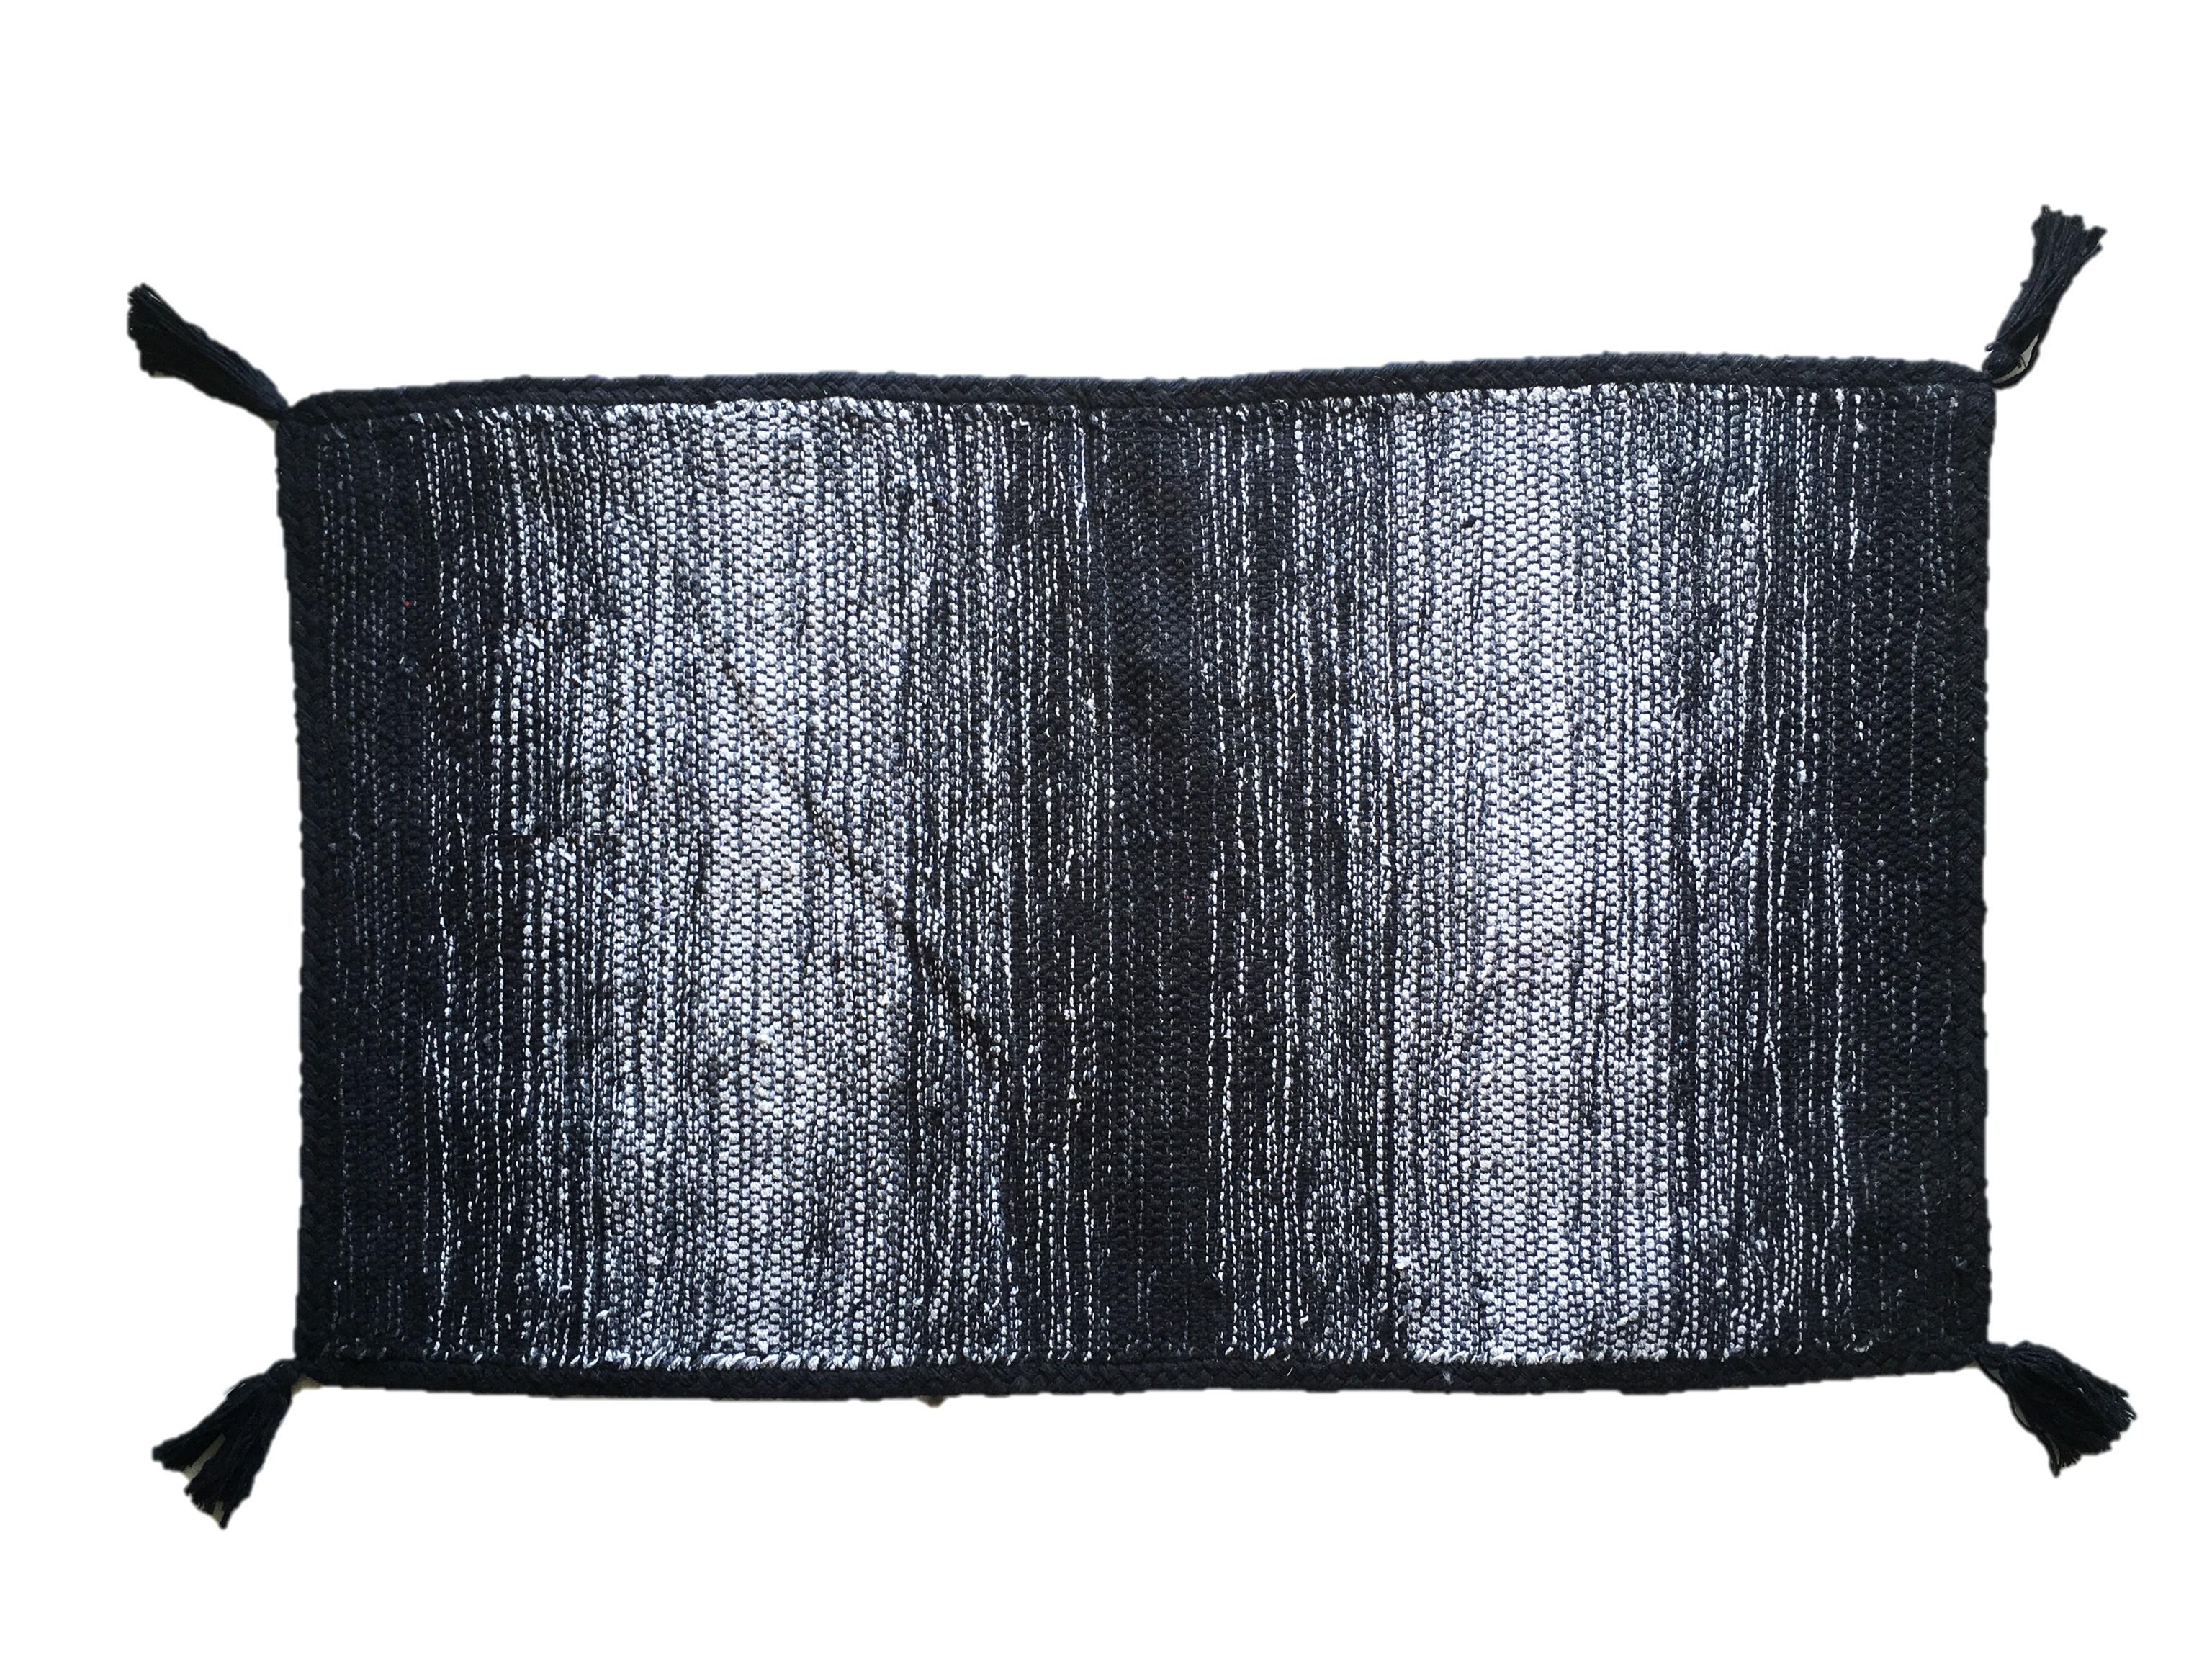 Χαλί Lora Εσωτερικού Χώρου Μαύρo 135cm x 70cm home   ειδη μπανιου   χαλιά   πατάκια μπάνιου